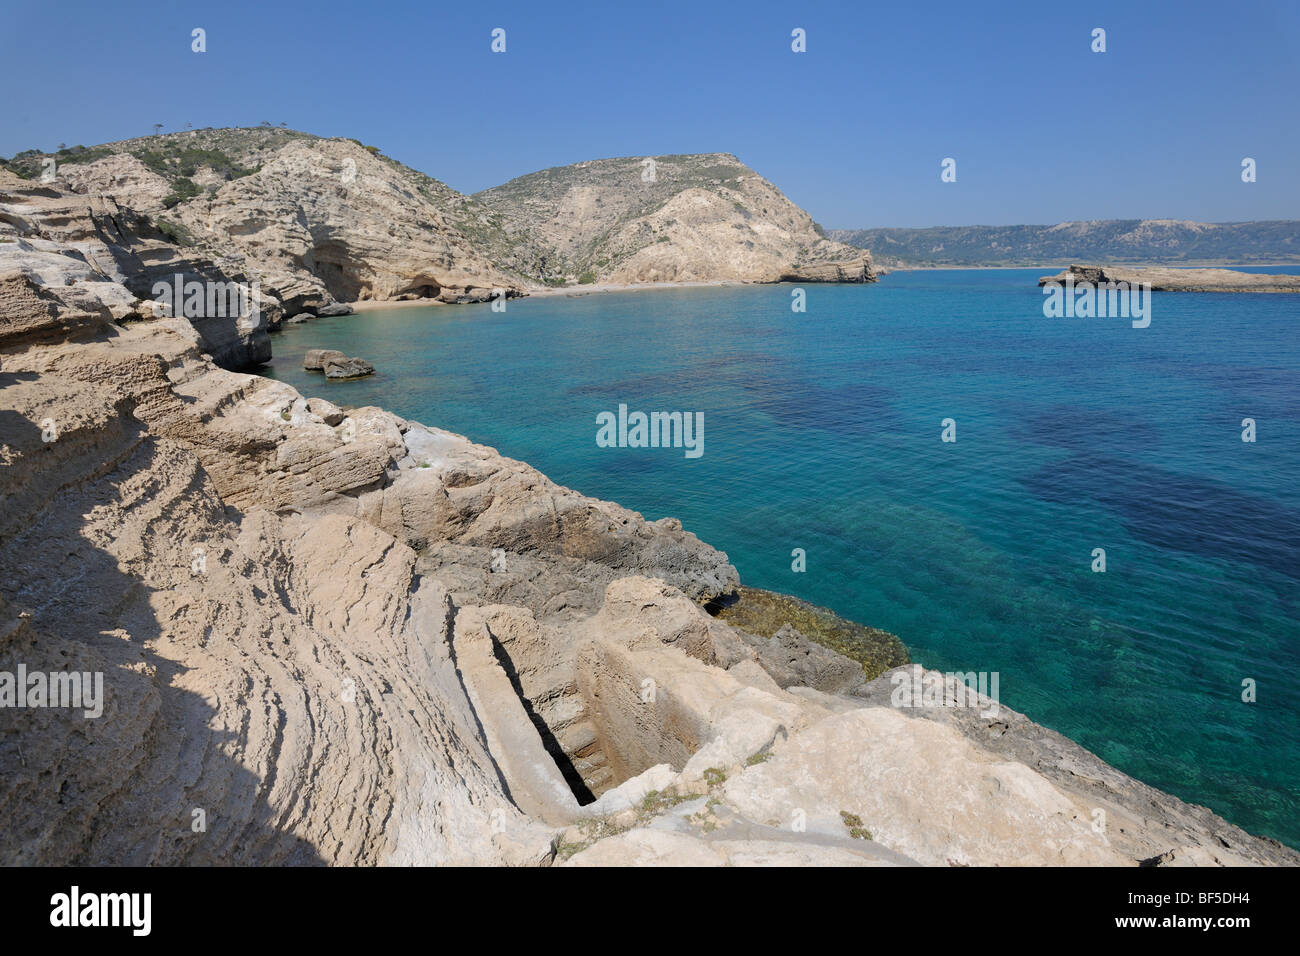 Pool geschnitzten Rock mit U-Bahn Anschluss an das Meer, vielleicht als ein Aquarium, Kap Fourni, Rhodos, Griechenland, Stockbild